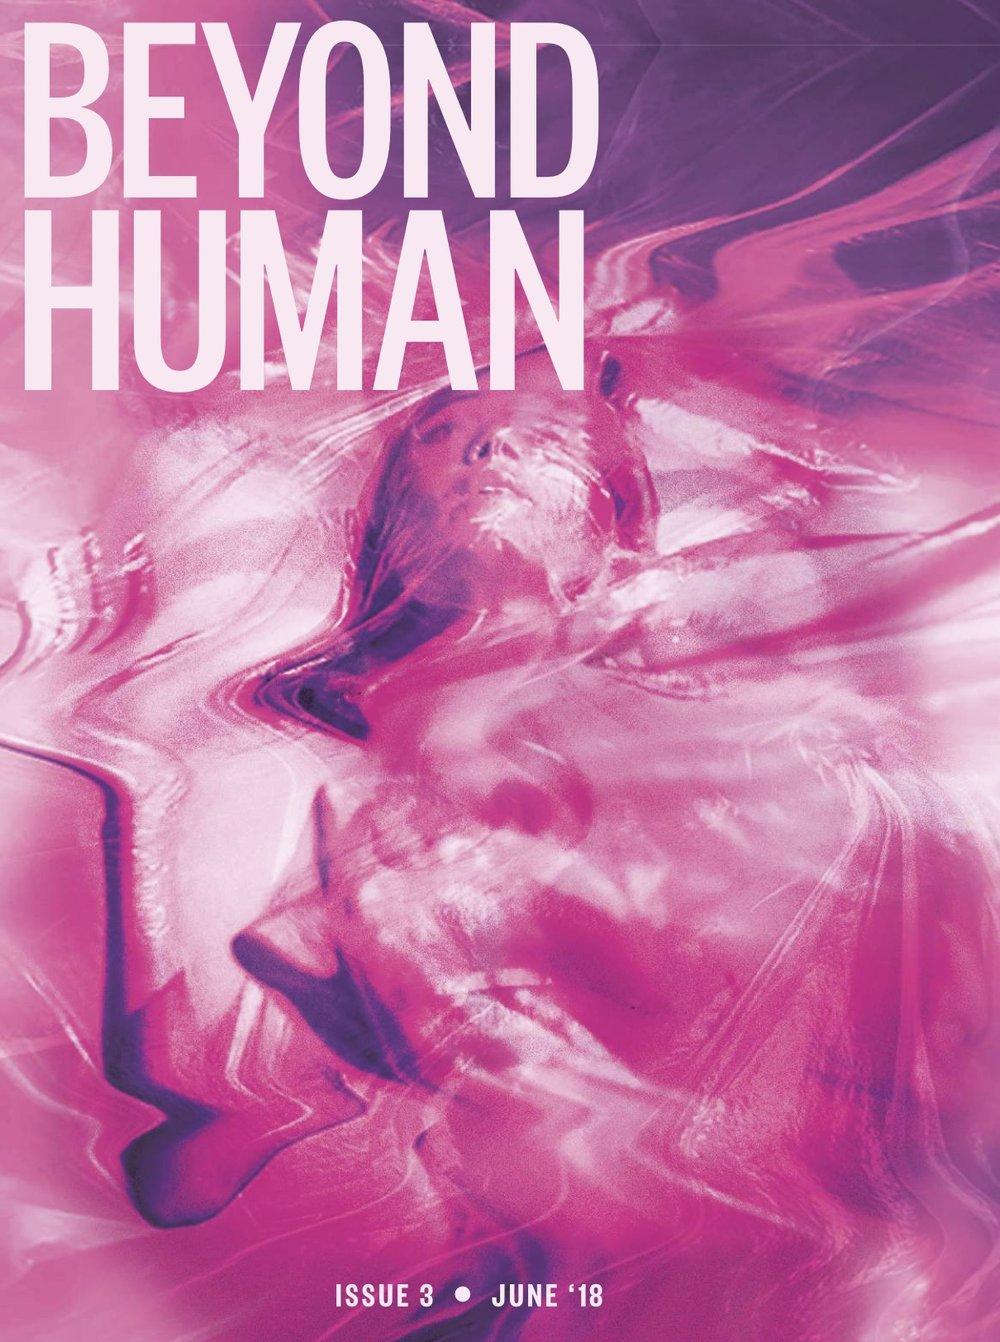 beyond_human (dragged) image.jpg